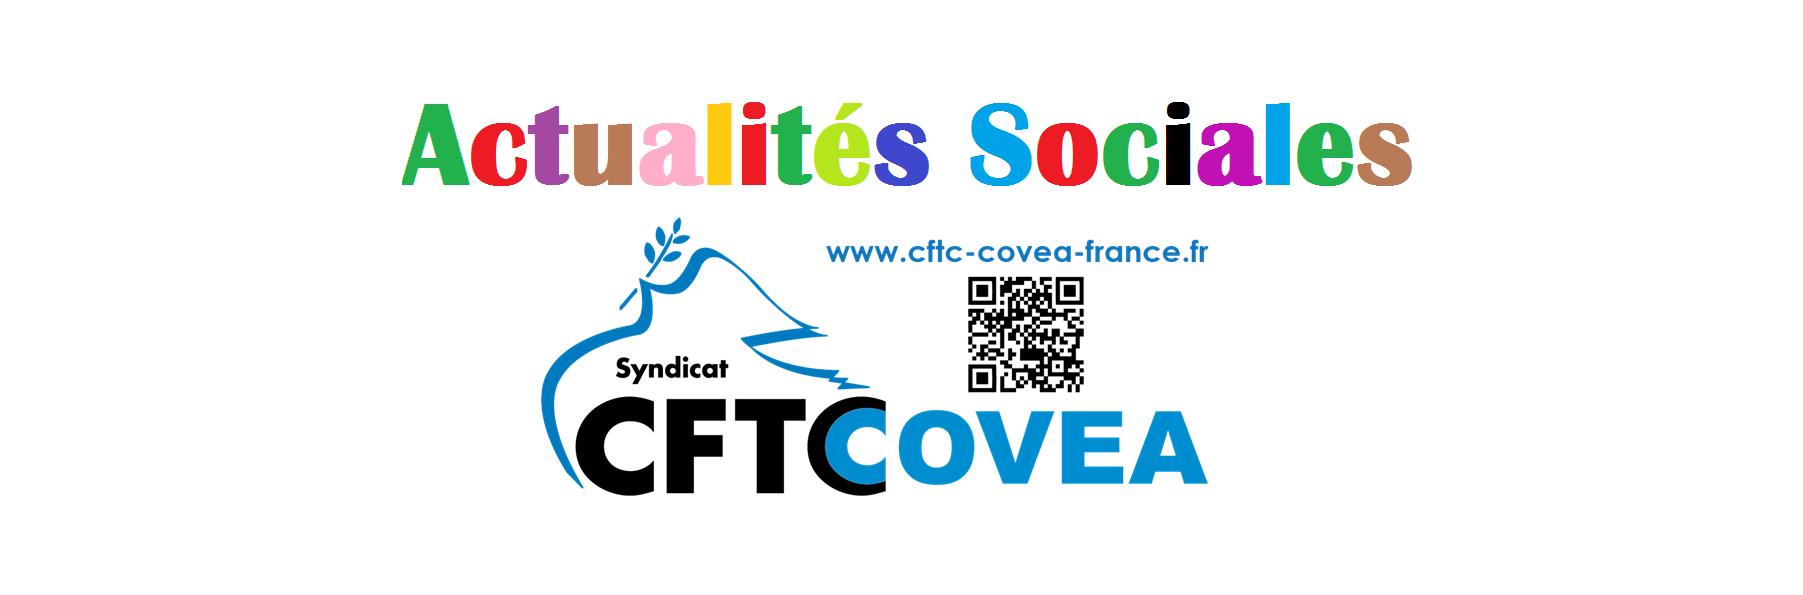 Actualités Sociales CFTC – Janvier 2021